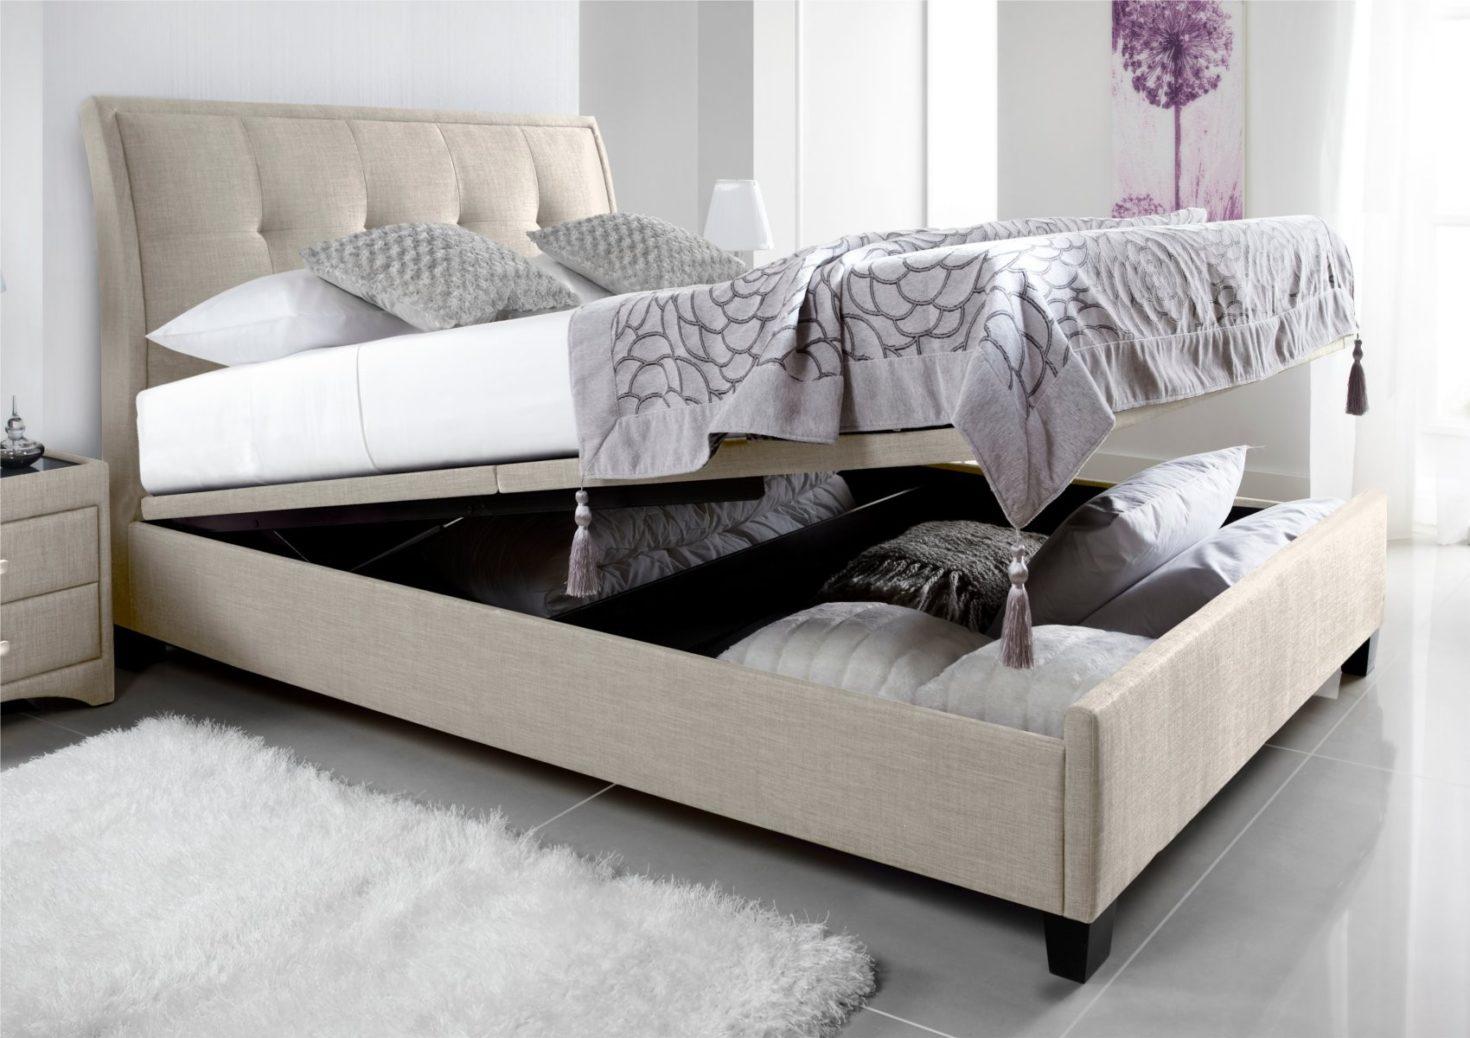 Κρεβάτι με αποθηκευτικό χώρο Jolly 0213525